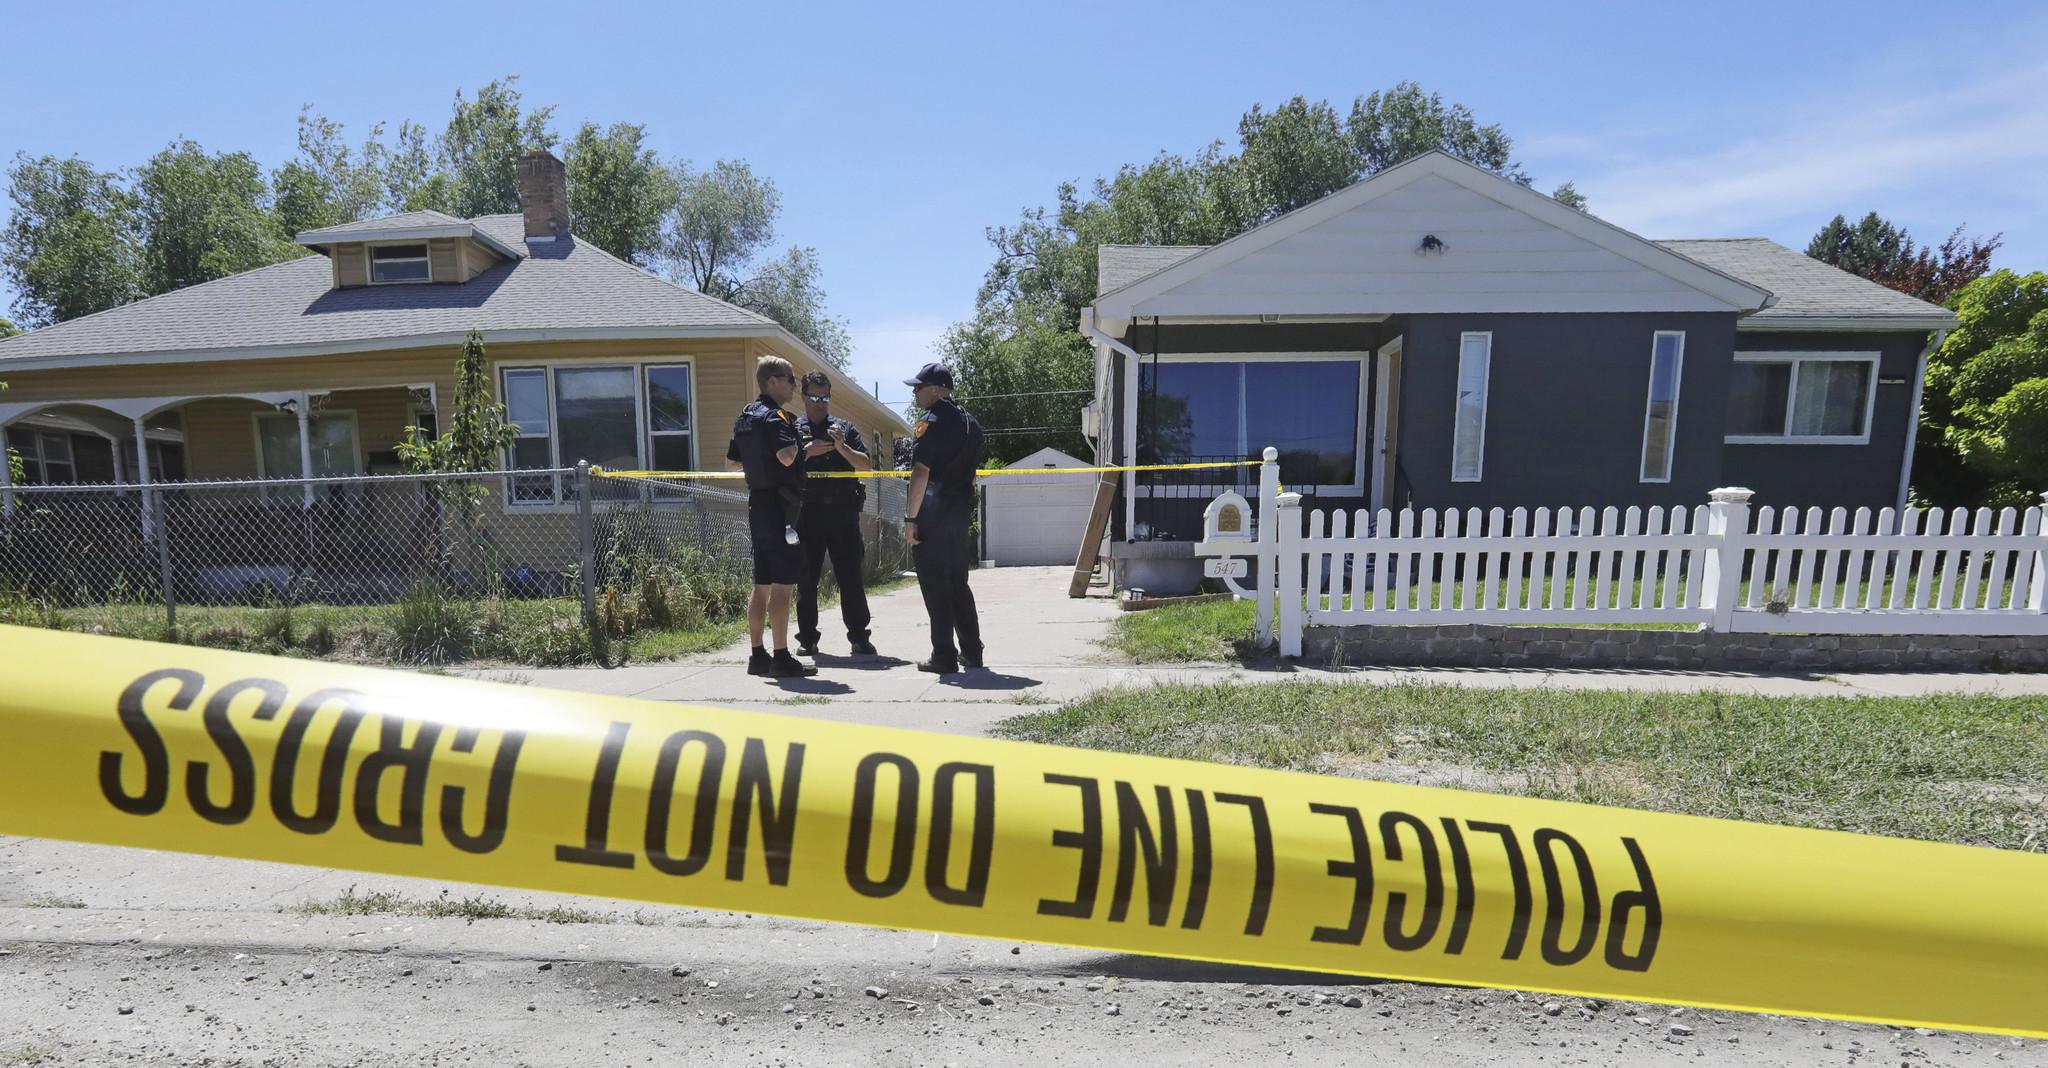 University of Utah overhauling security following students' murders